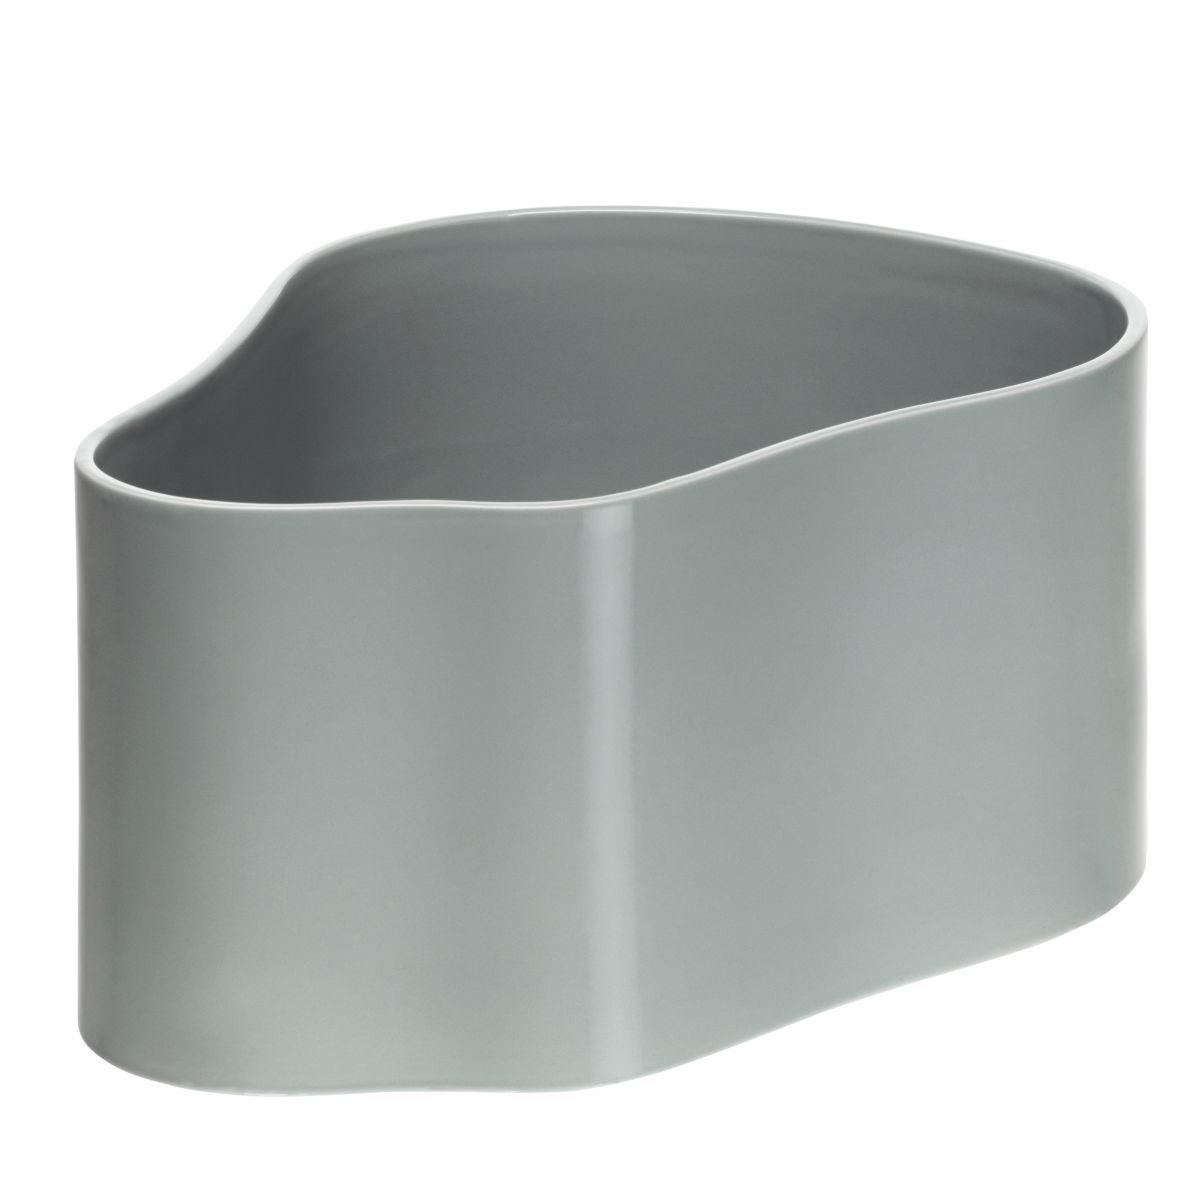 Plant pot shape A, size L, Light grey gloss_F